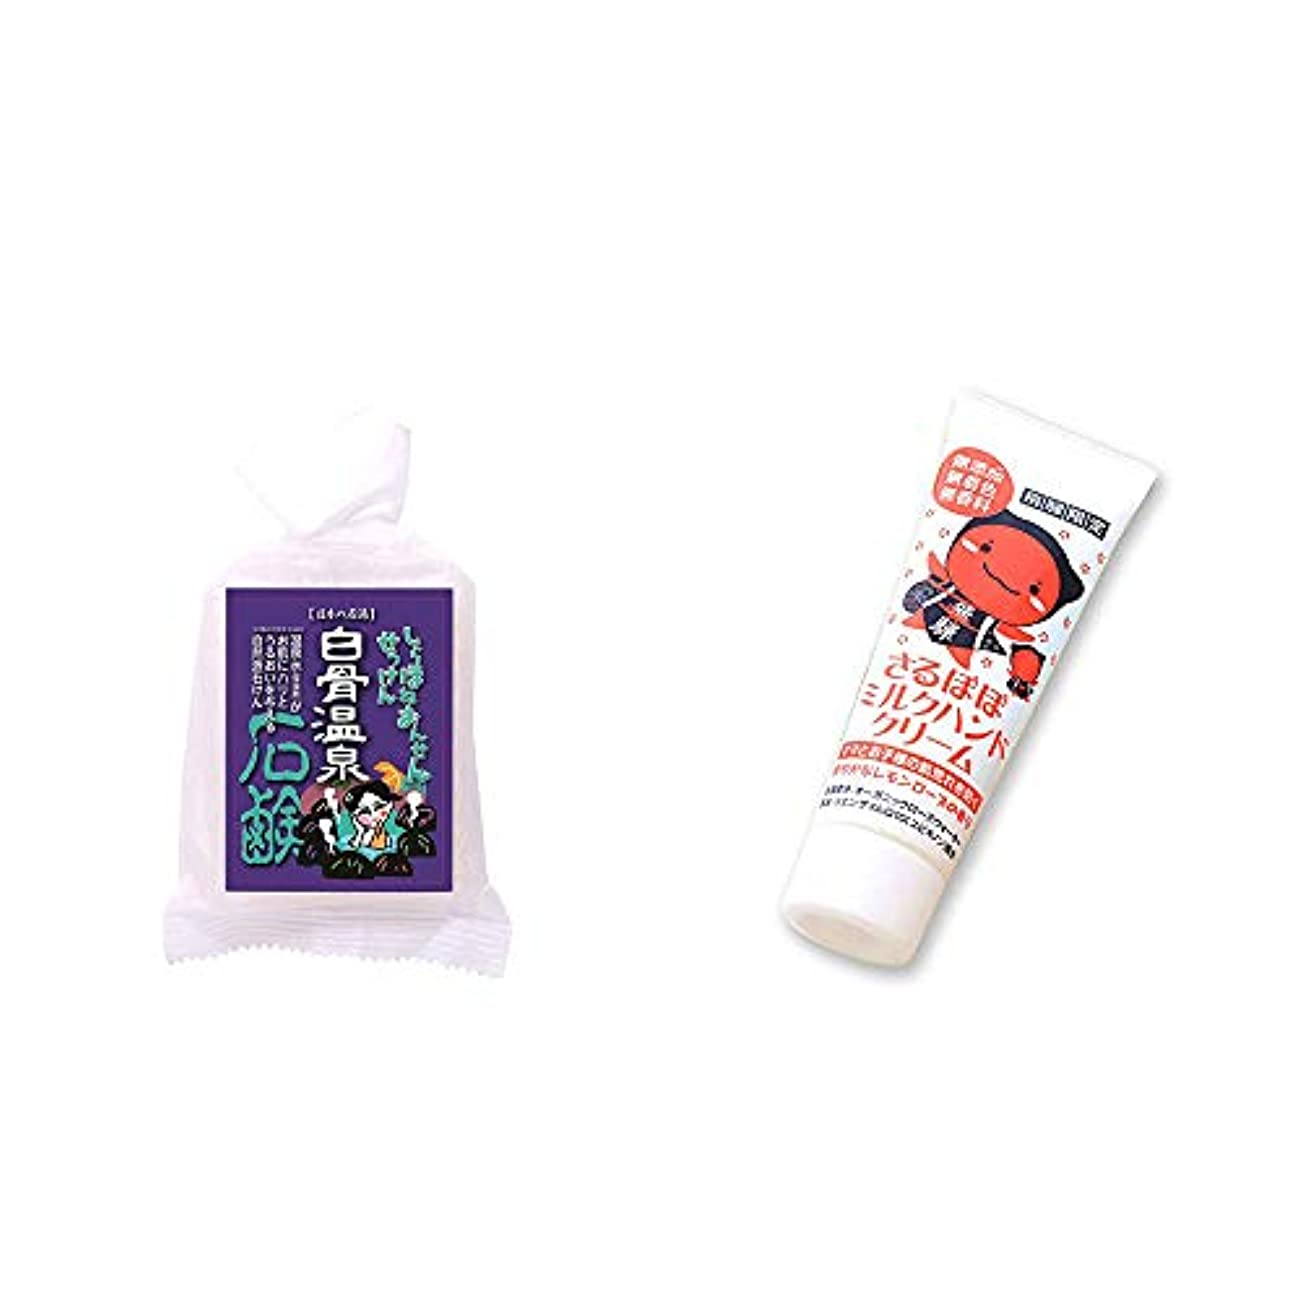 金額マウントアクロバット[2点セット] 信州 白骨温泉石鹸(80g)?さるぼぼ ミルクハンドクリーム(50g)